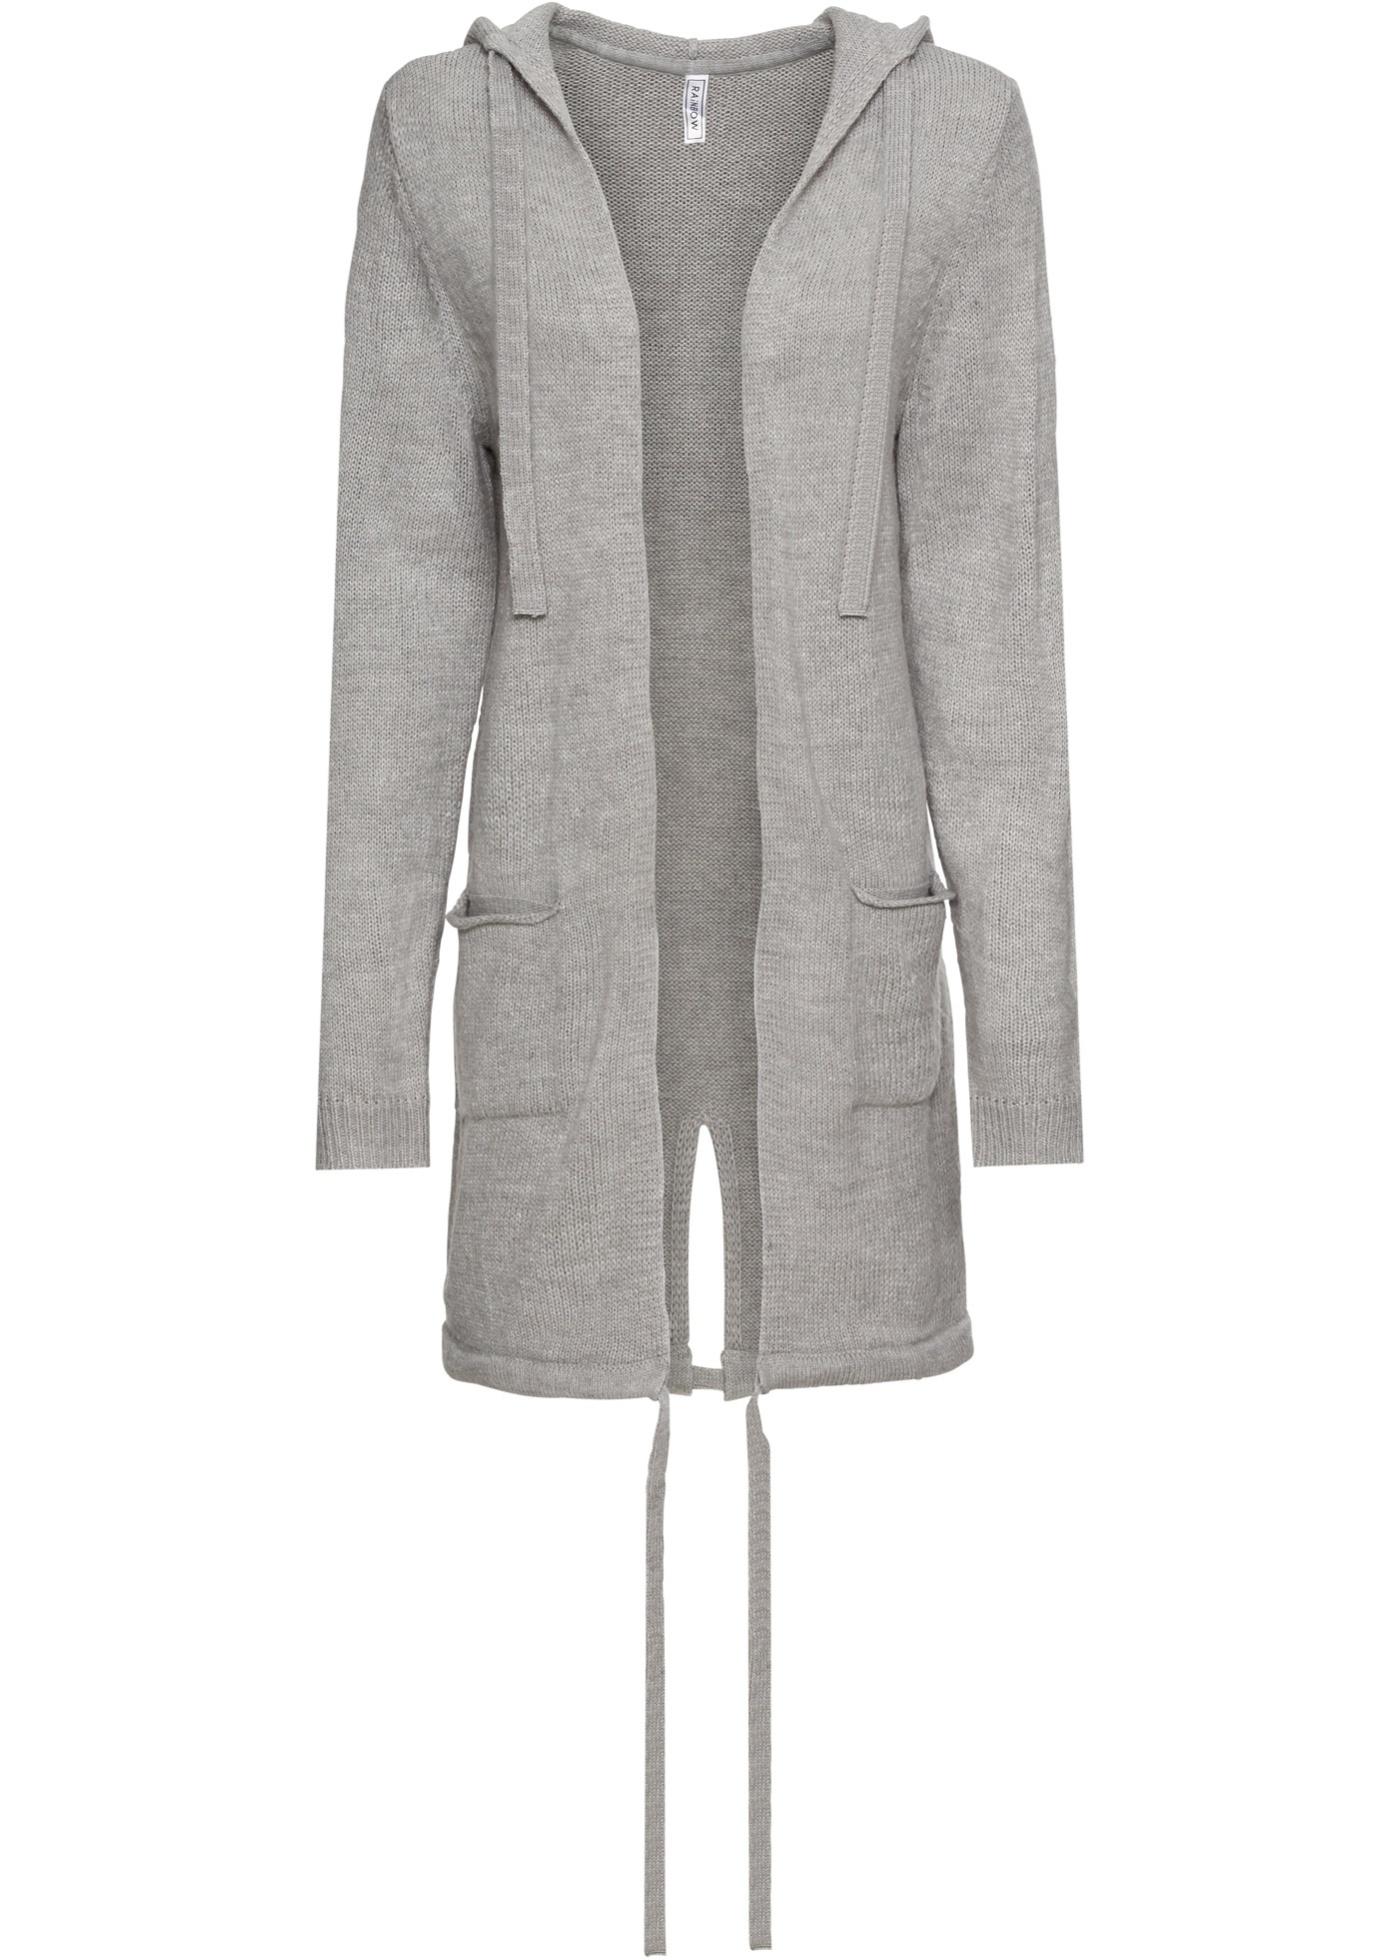 Pletený kabátek s kapsami a kapucí - Šedá